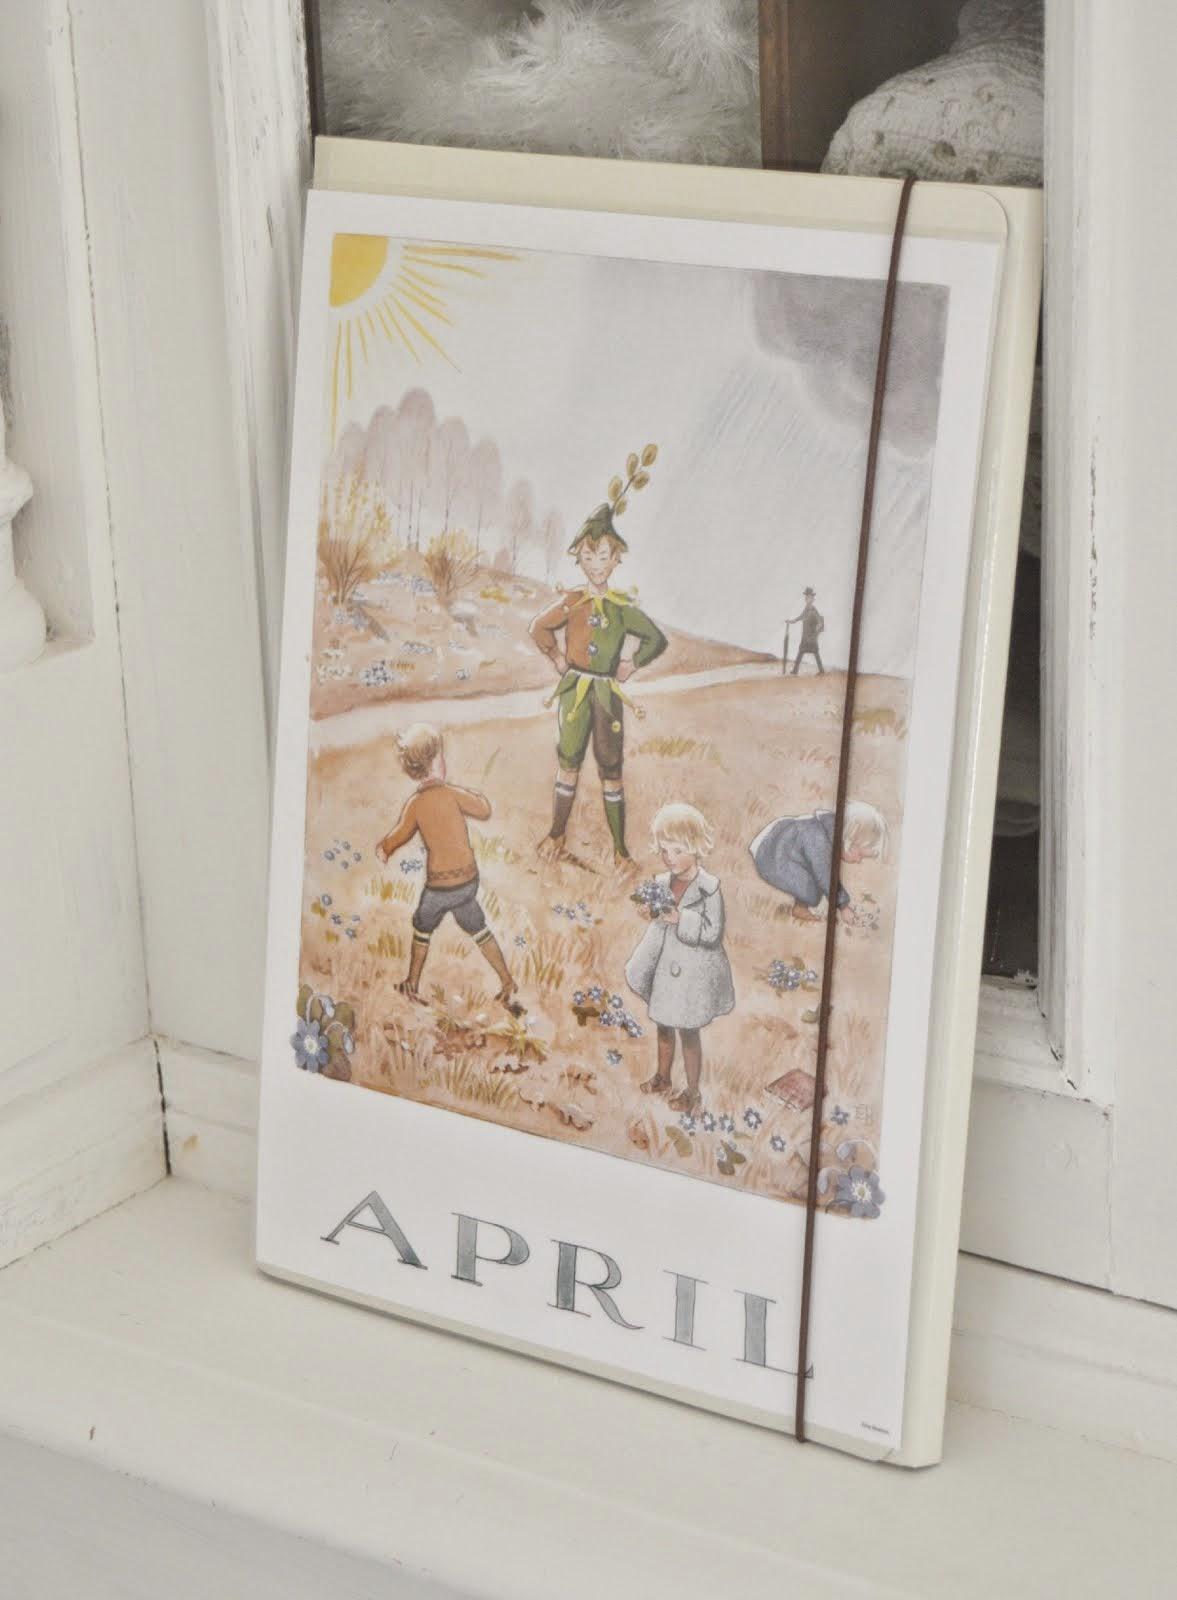 APRIL månad